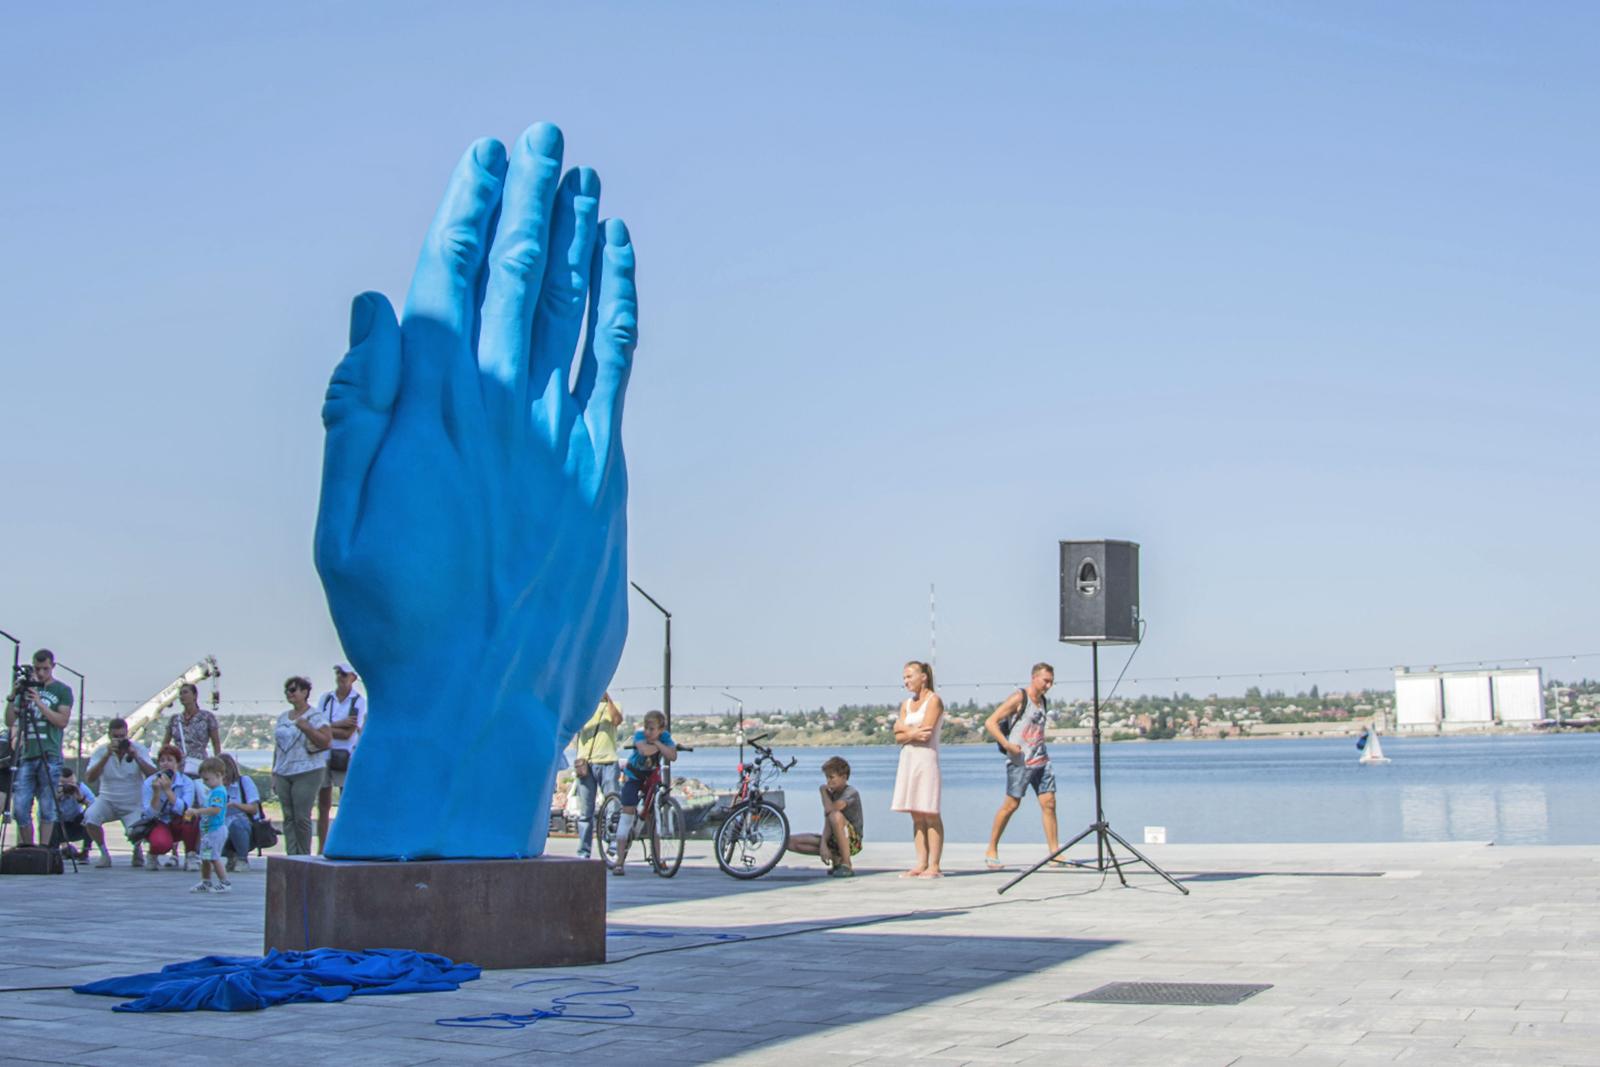 Арт-инсталяция румынского скульптора Богдан Раца продолжит свой долгий путь